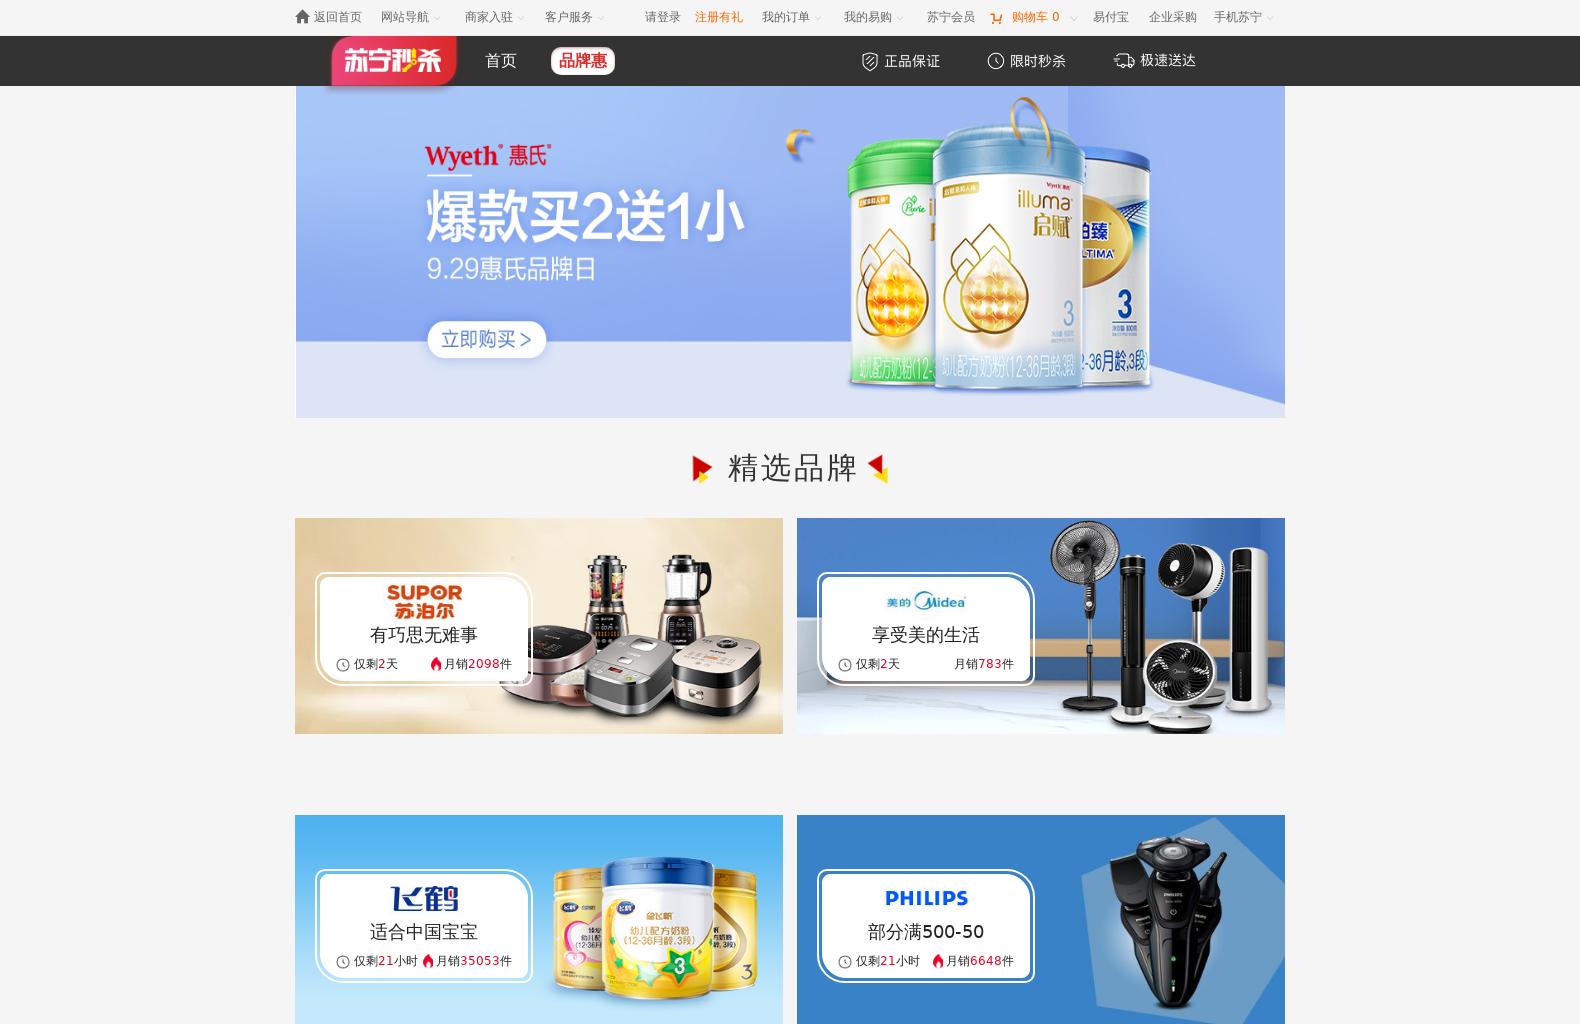 qiang.suning.com网站截图